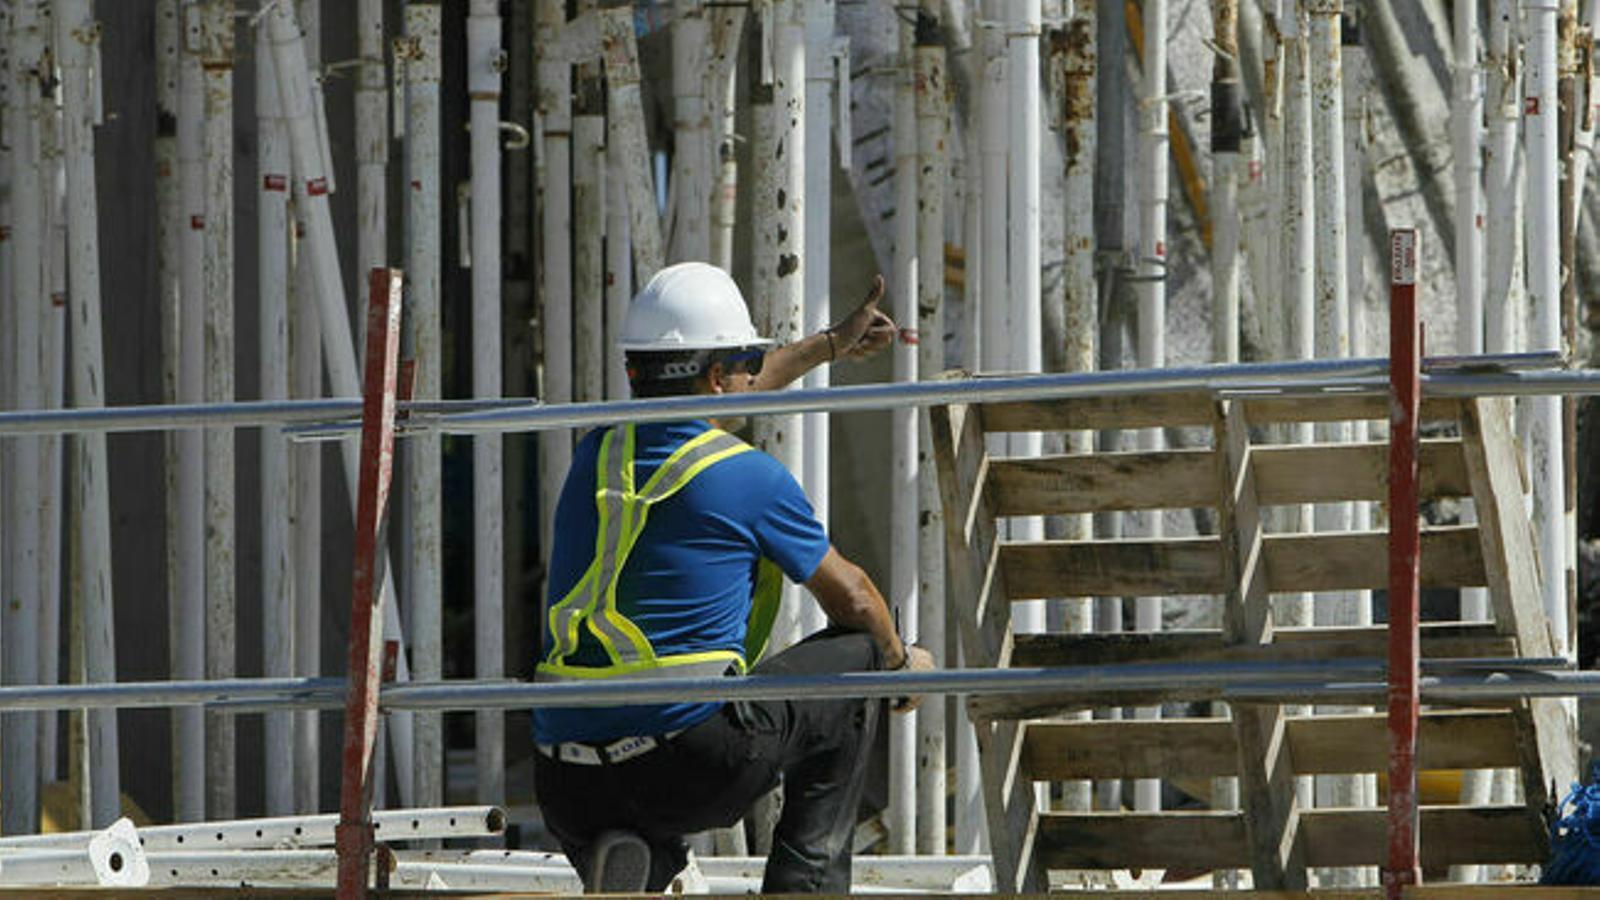 Construcció i indústria: els treballadors d'activitats no essencials tornen a la feina